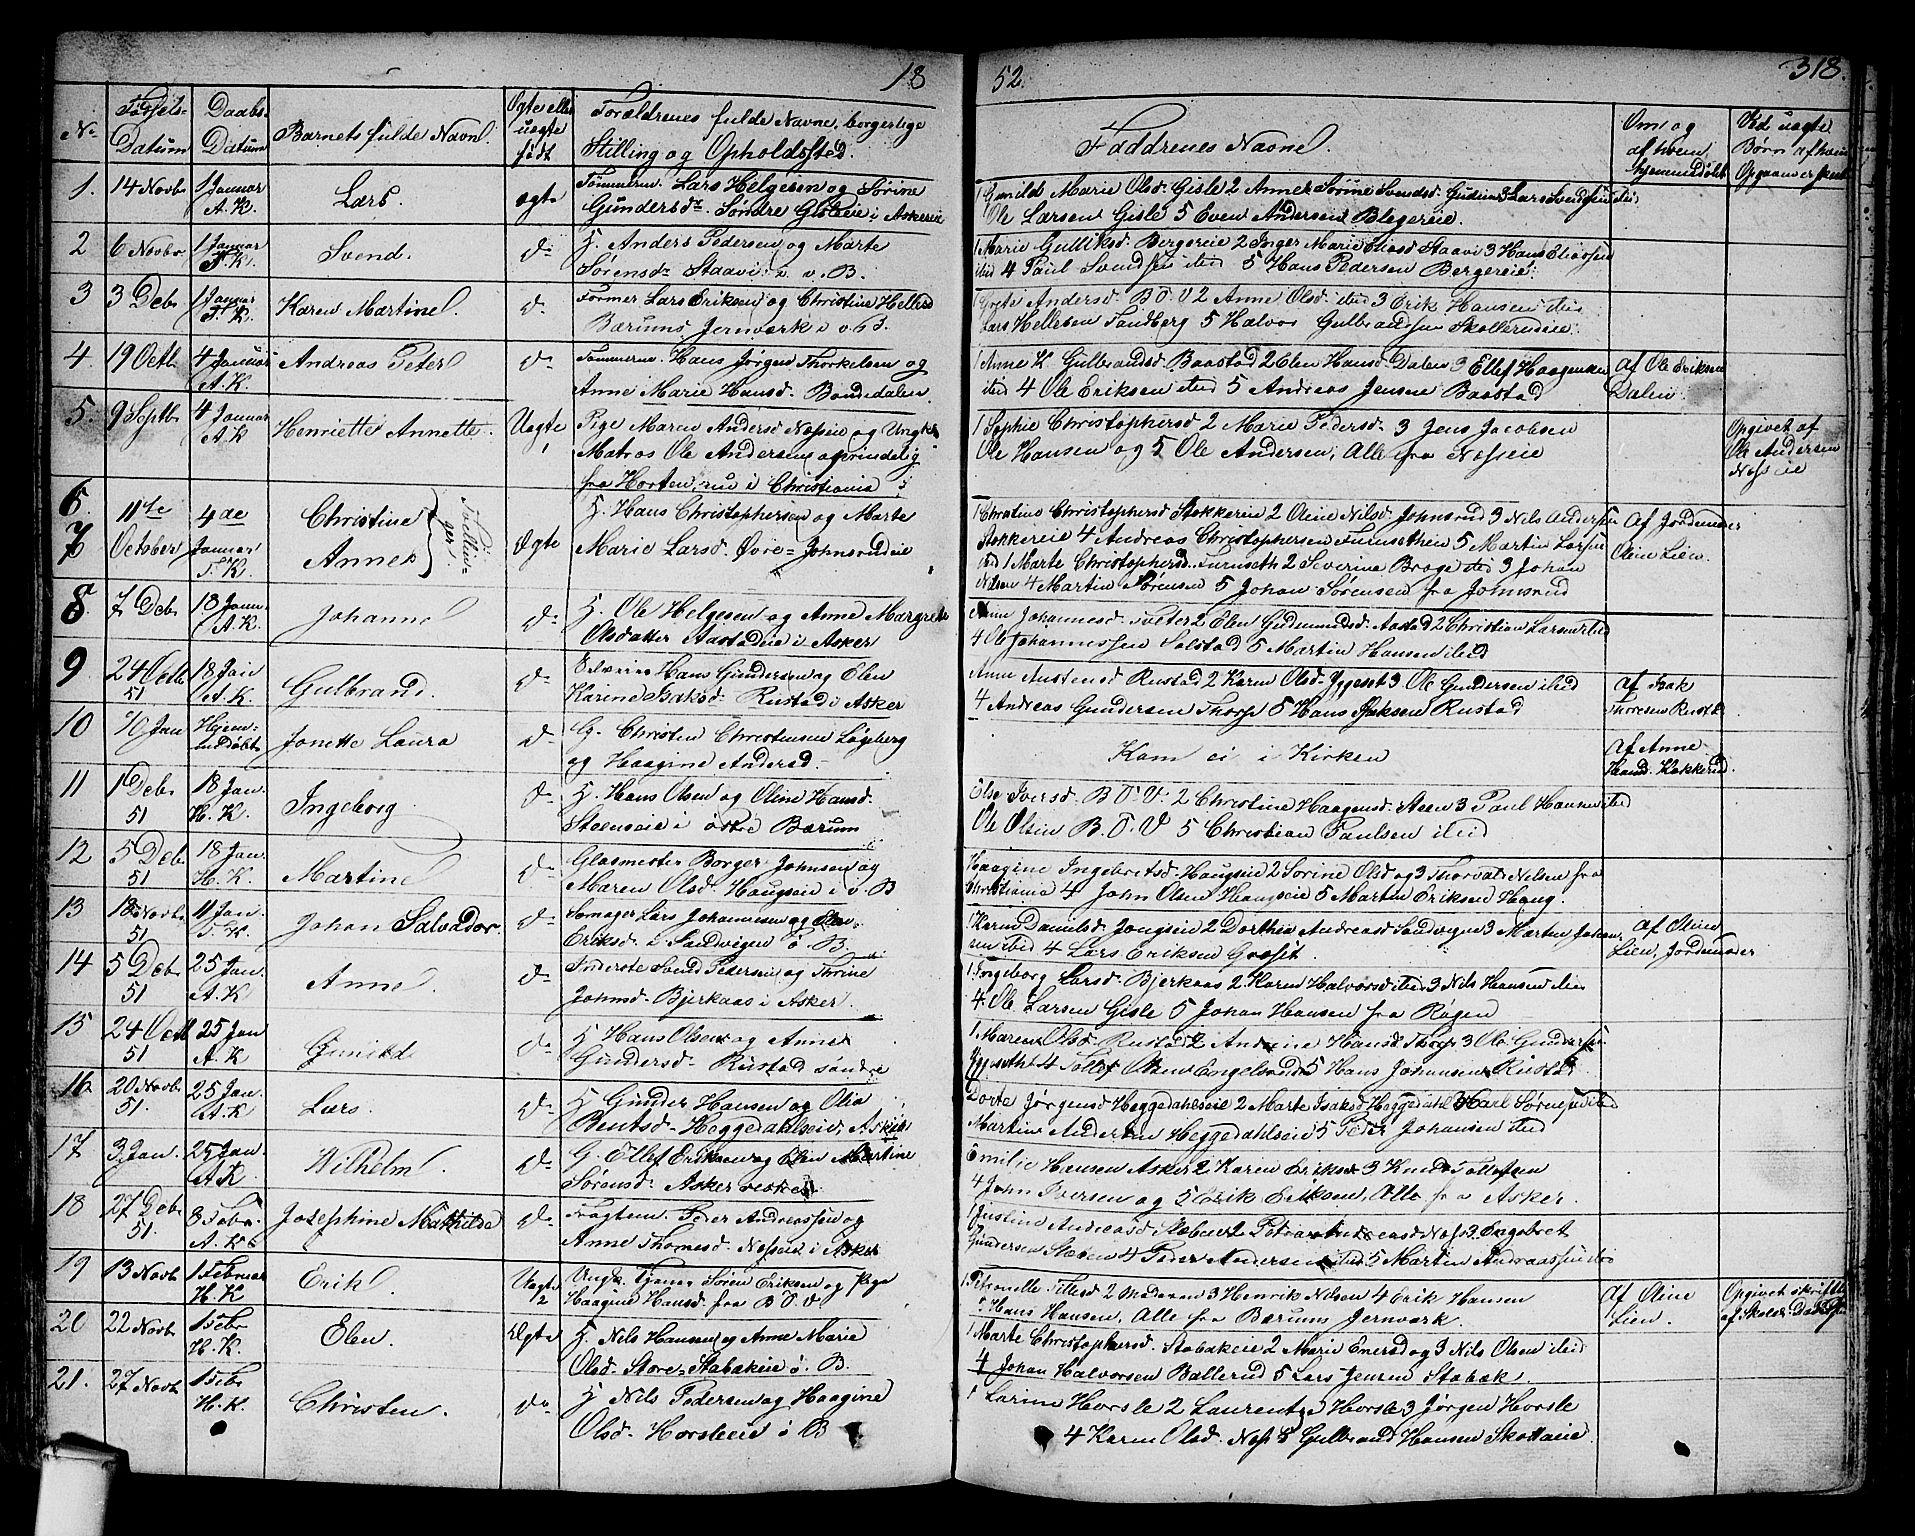 SAO, Asker prestekontor Kirkebøker, F/Fa/L0007: Ministerialbok nr. I 7, 1825-1864, s. 318